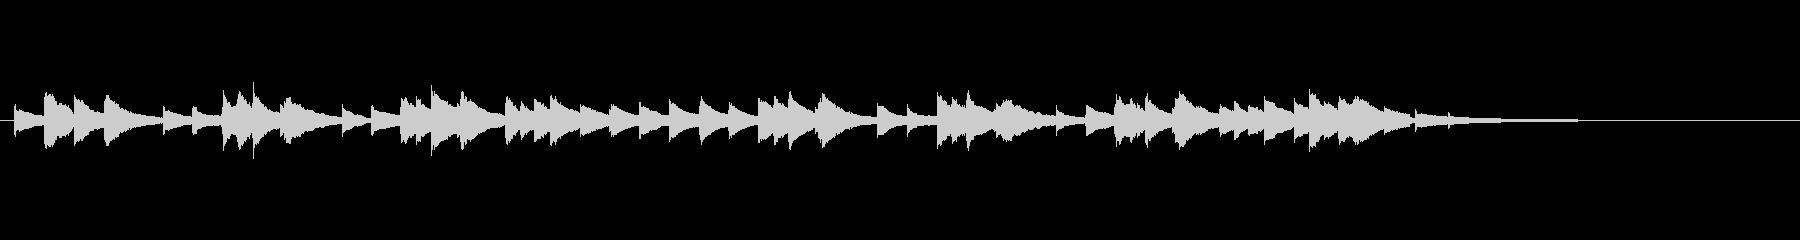 物悲しげなオルゴールのワルツ(30秒)の未再生の波形